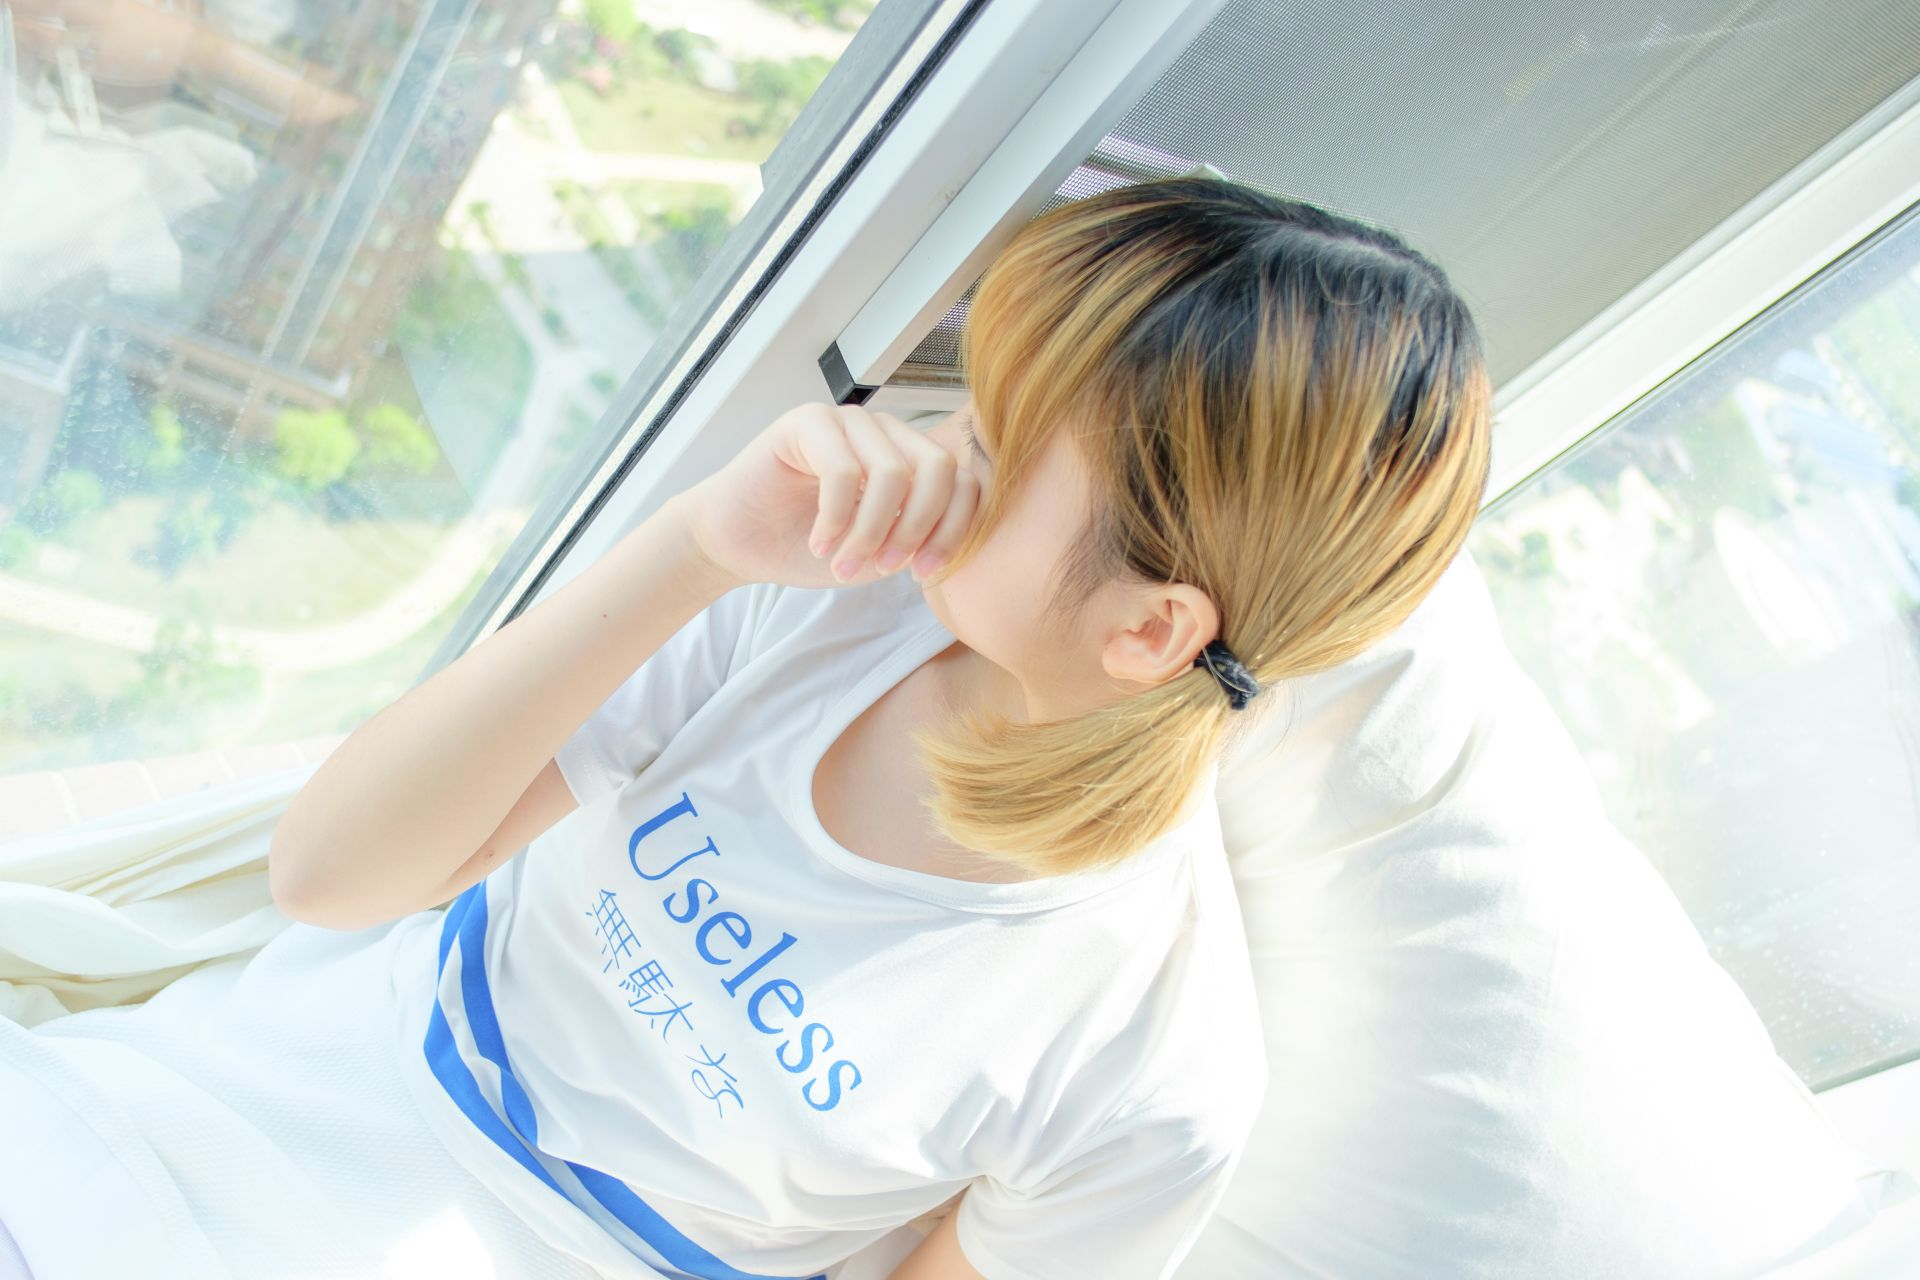 【森萝财团】森萝财团写真 - R15-004 纯白之恋 [111P-612MB] R15系列 第4张